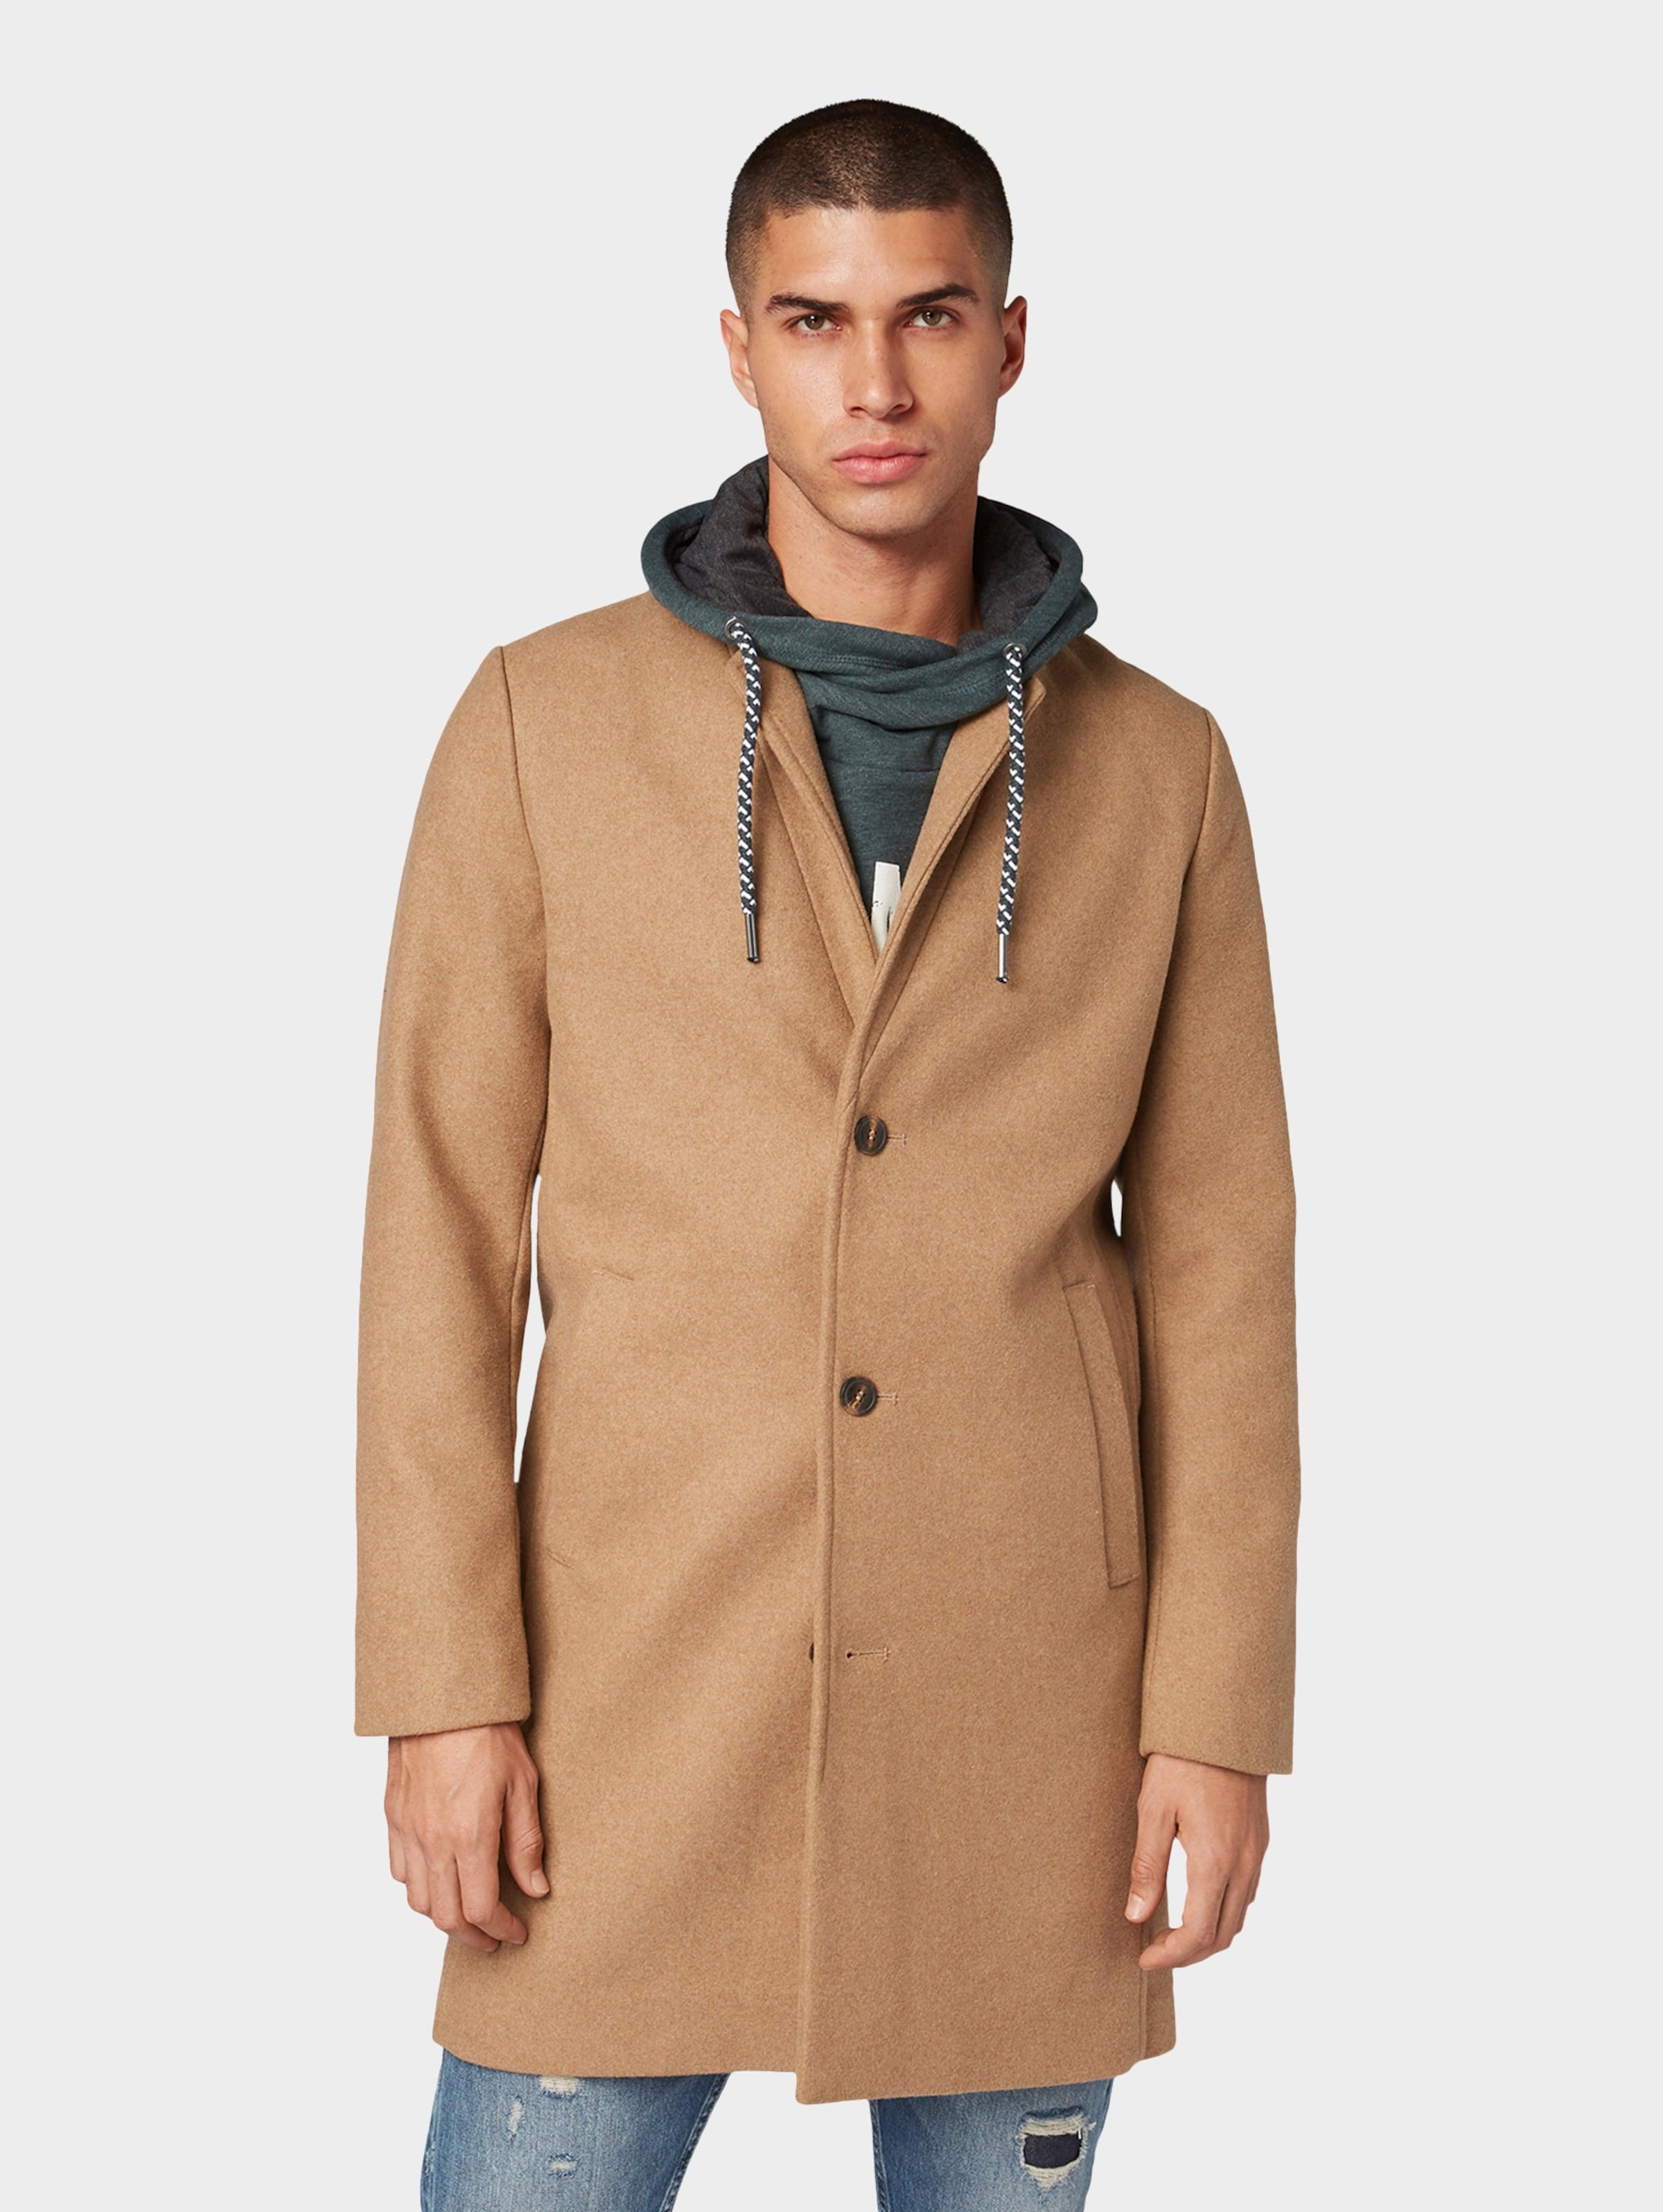 Denim Dunkelbeige Wollmantel Tom In Jackets Tailor Jackenamp; Klassischer xrdBoCe